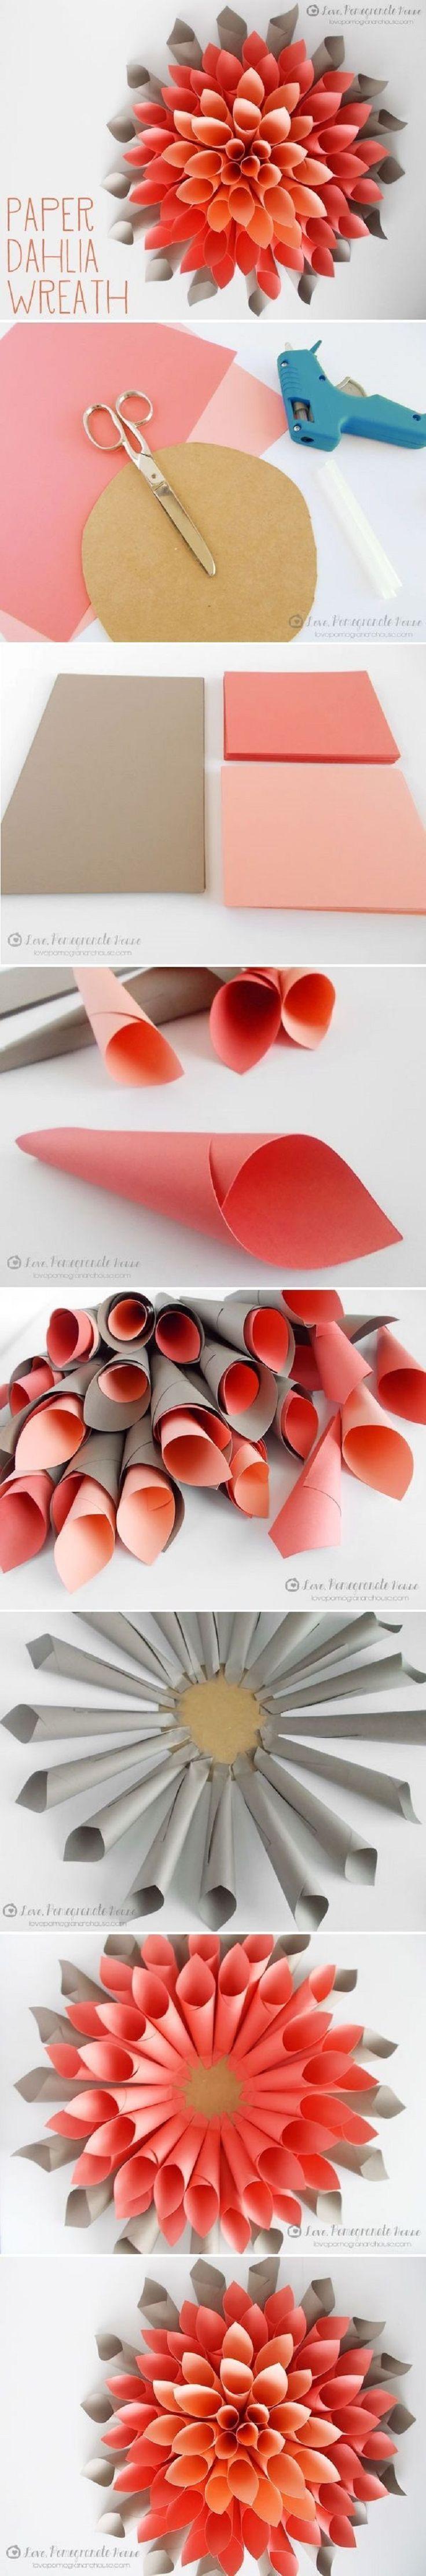 DIY Papel Dahlia guirnalda - 15 La mayoría PINteresting DIY decoraciones de papel |…